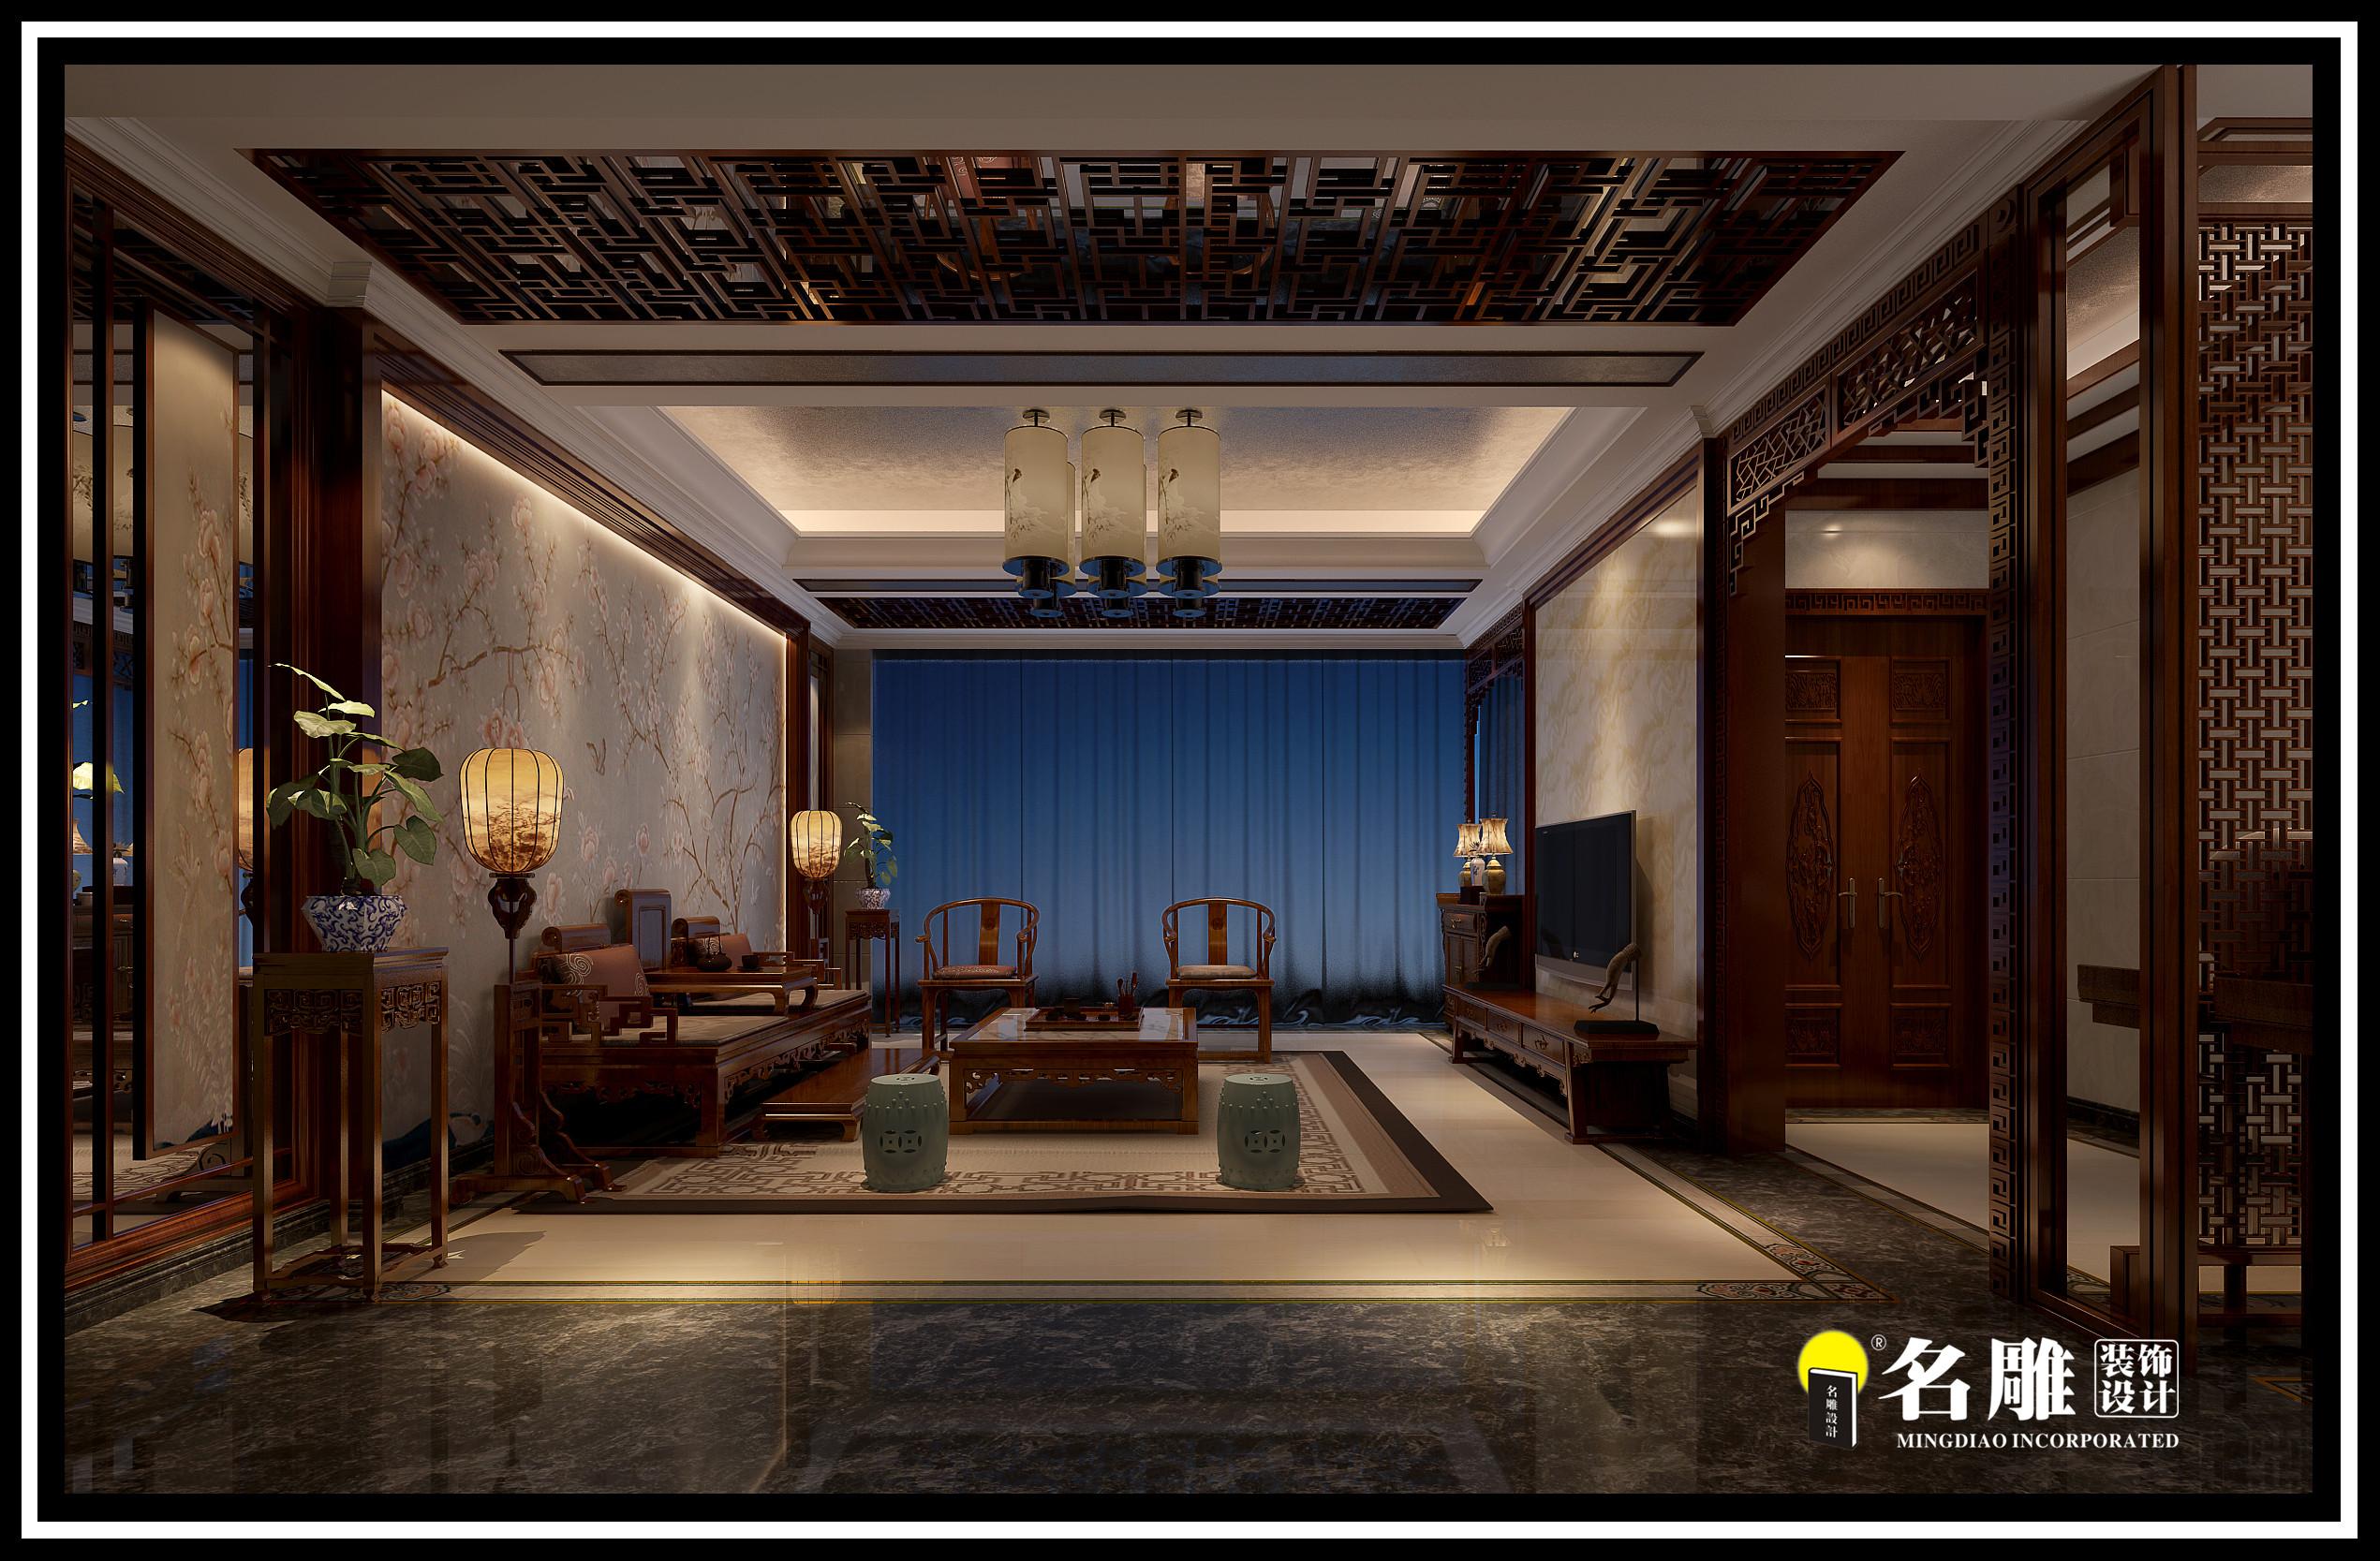 中式 四居室 安宁 祥和感 自然、清新 客厅图片来自名雕装饰长沙分公司在湘江豪庭中式四居室的分享